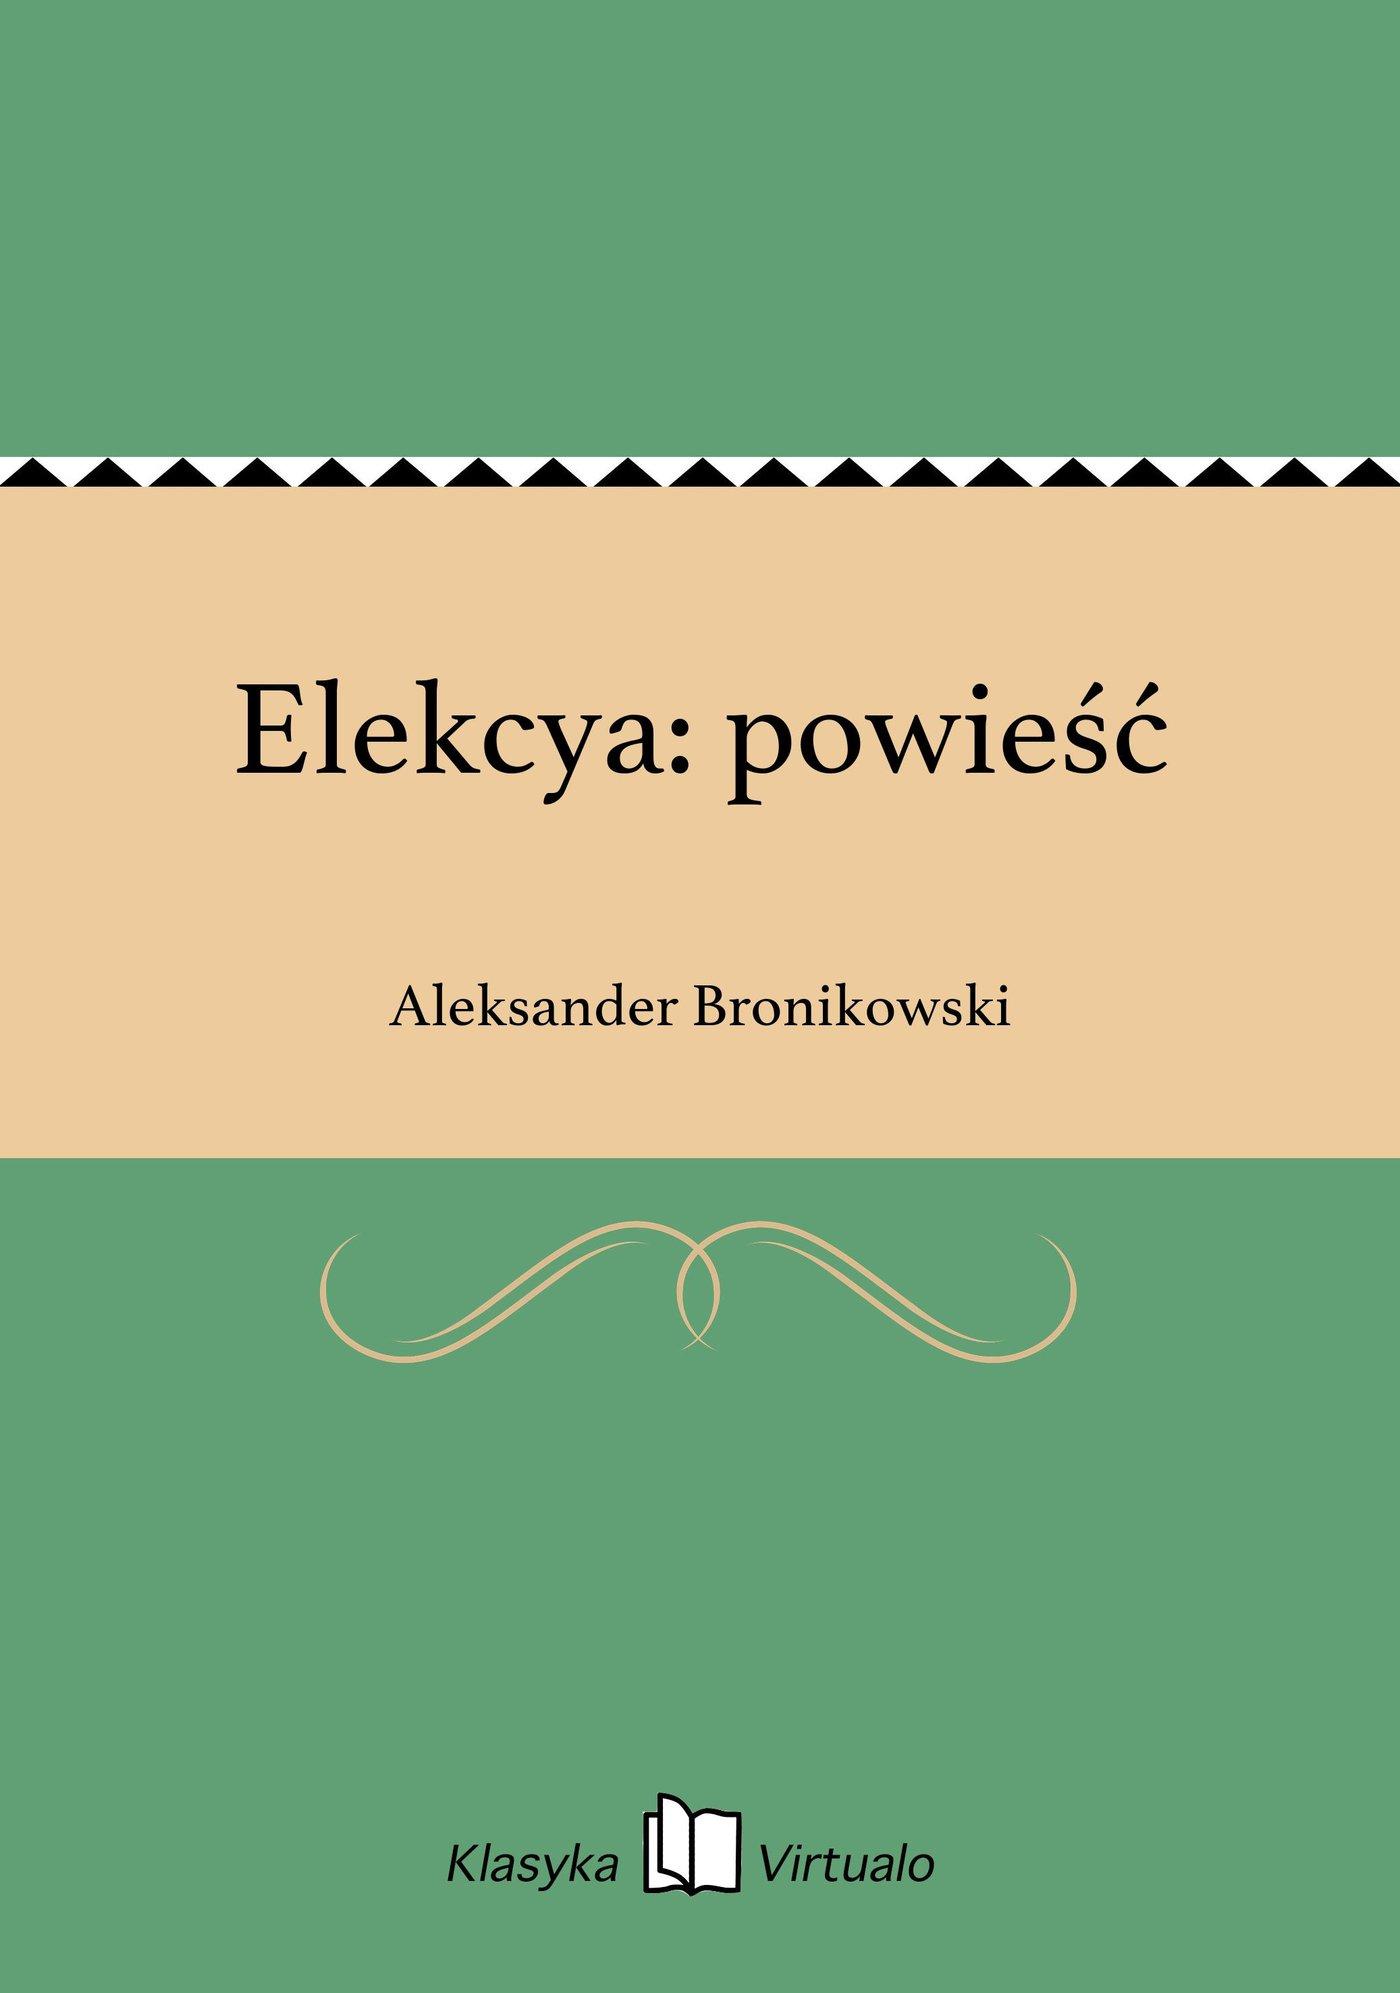 Elekcya: powieść - Ebook (Książka EPUB) do pobrania w formacie EPUB